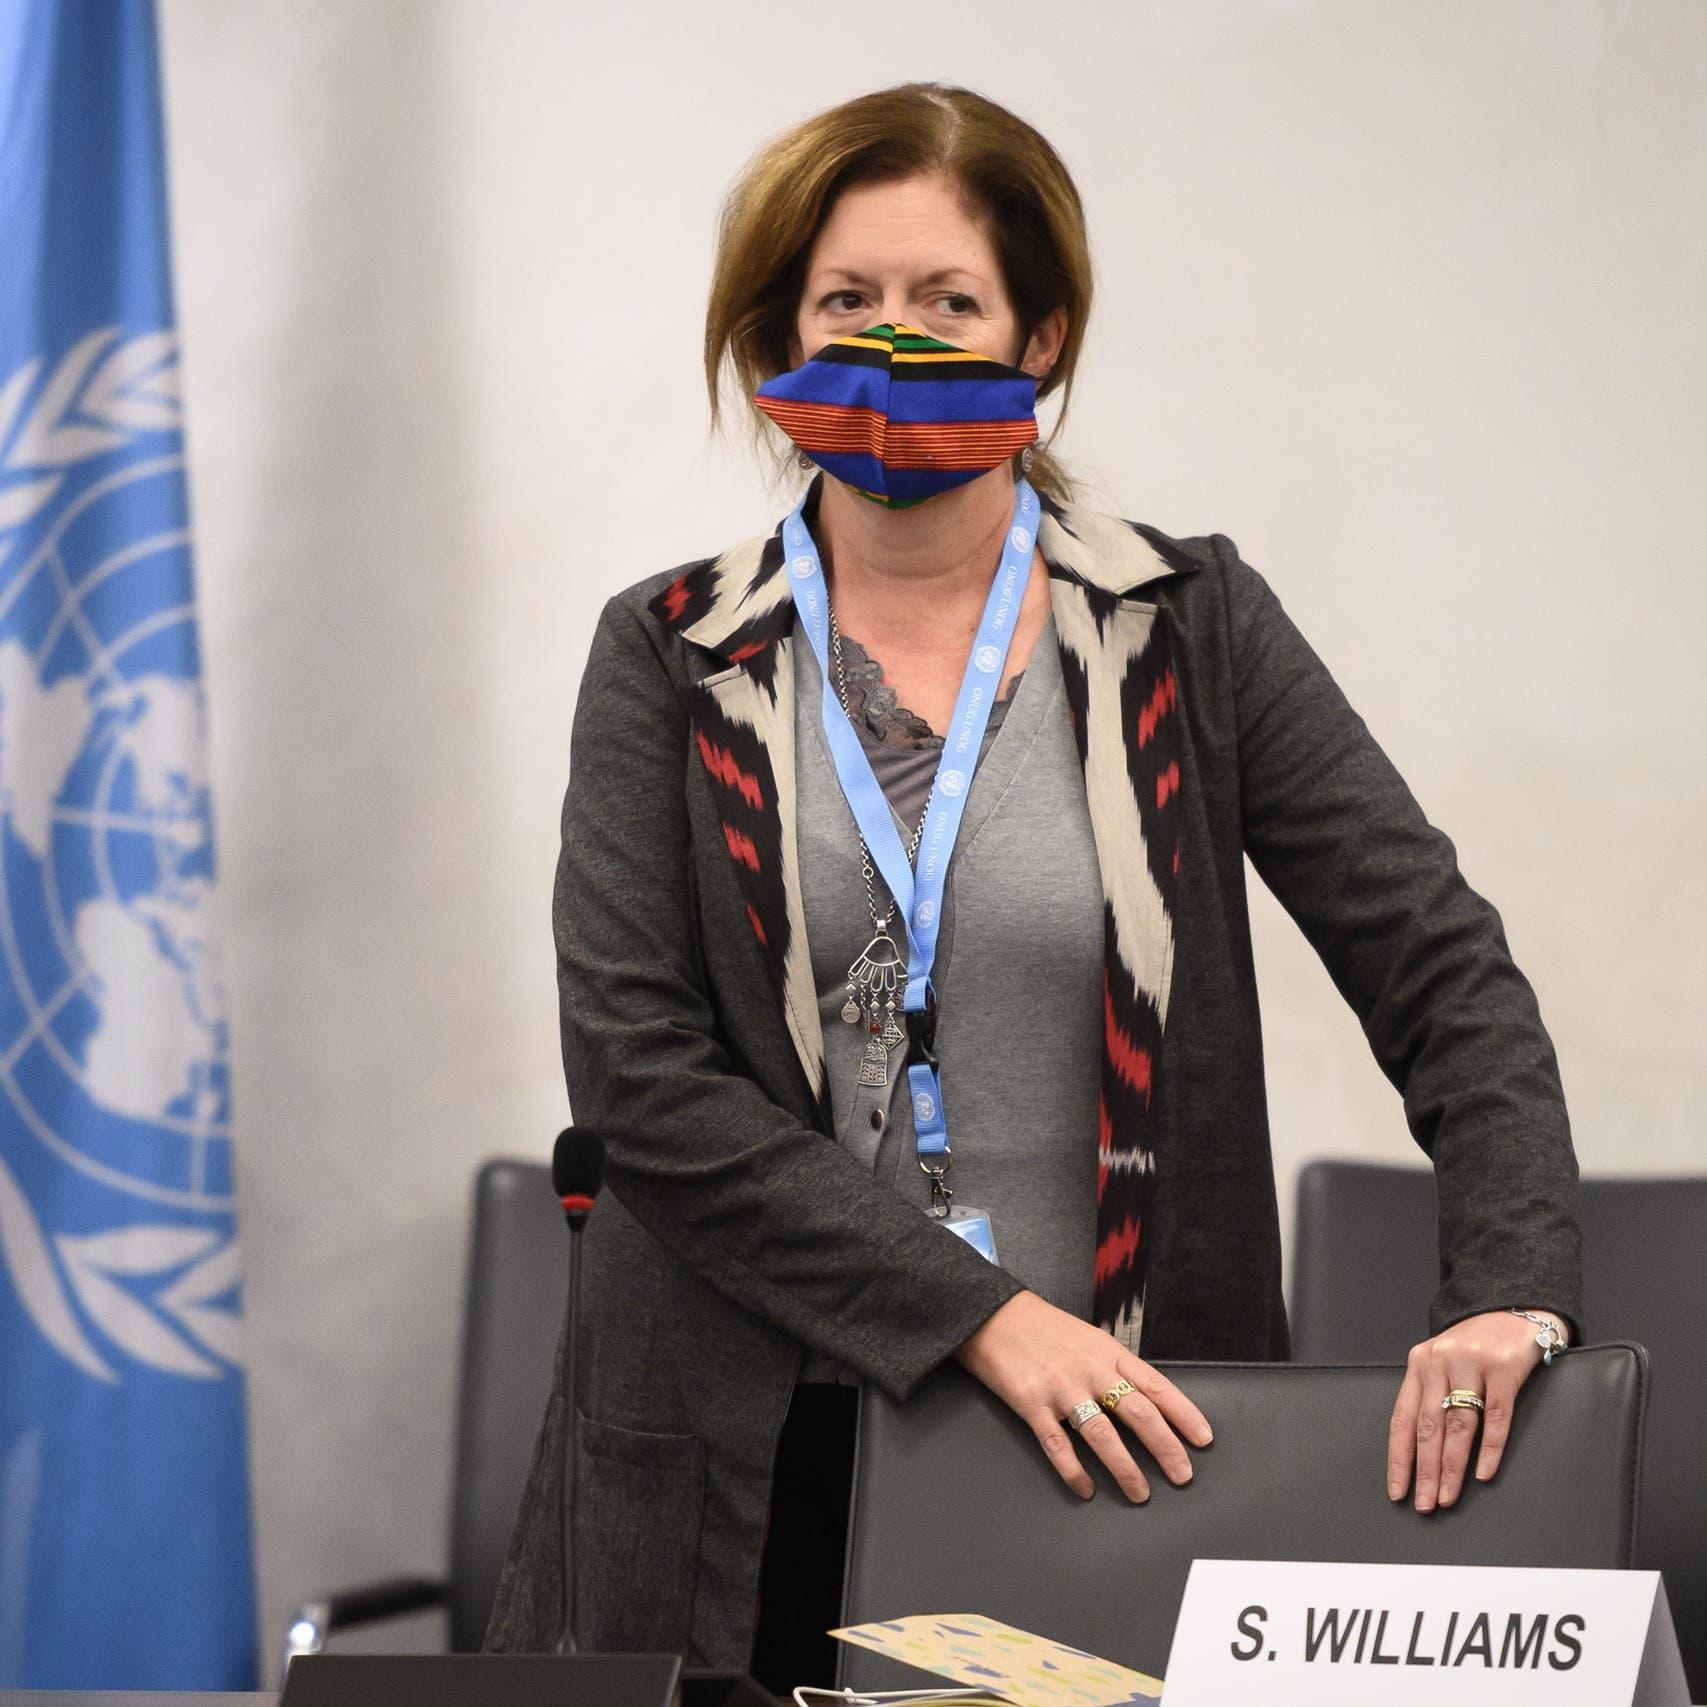 ويليامز: الأمر بأيدي الليبيين للاستفادة من الفرص